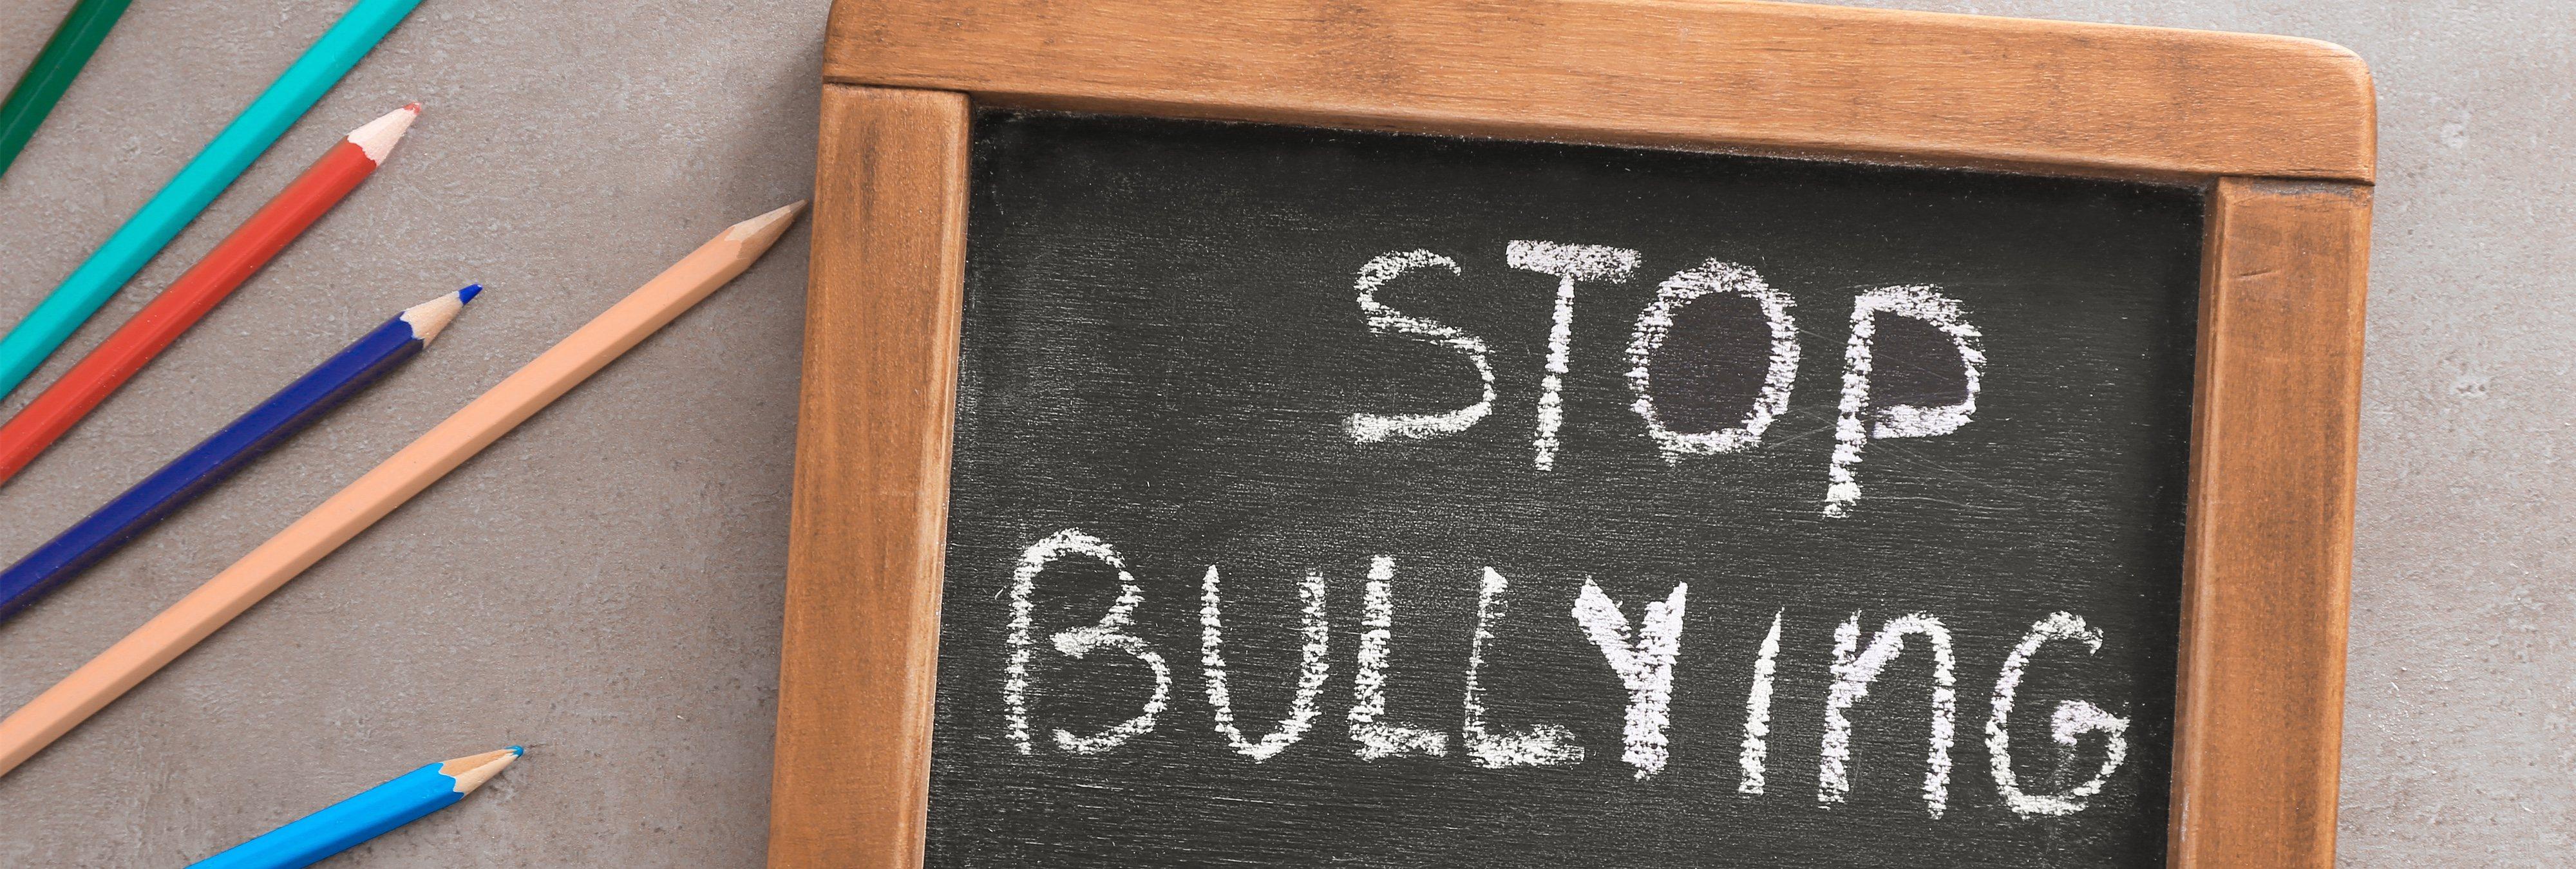 Más de la mitad de los menores en España ha sido víctima de violencia en el colegio